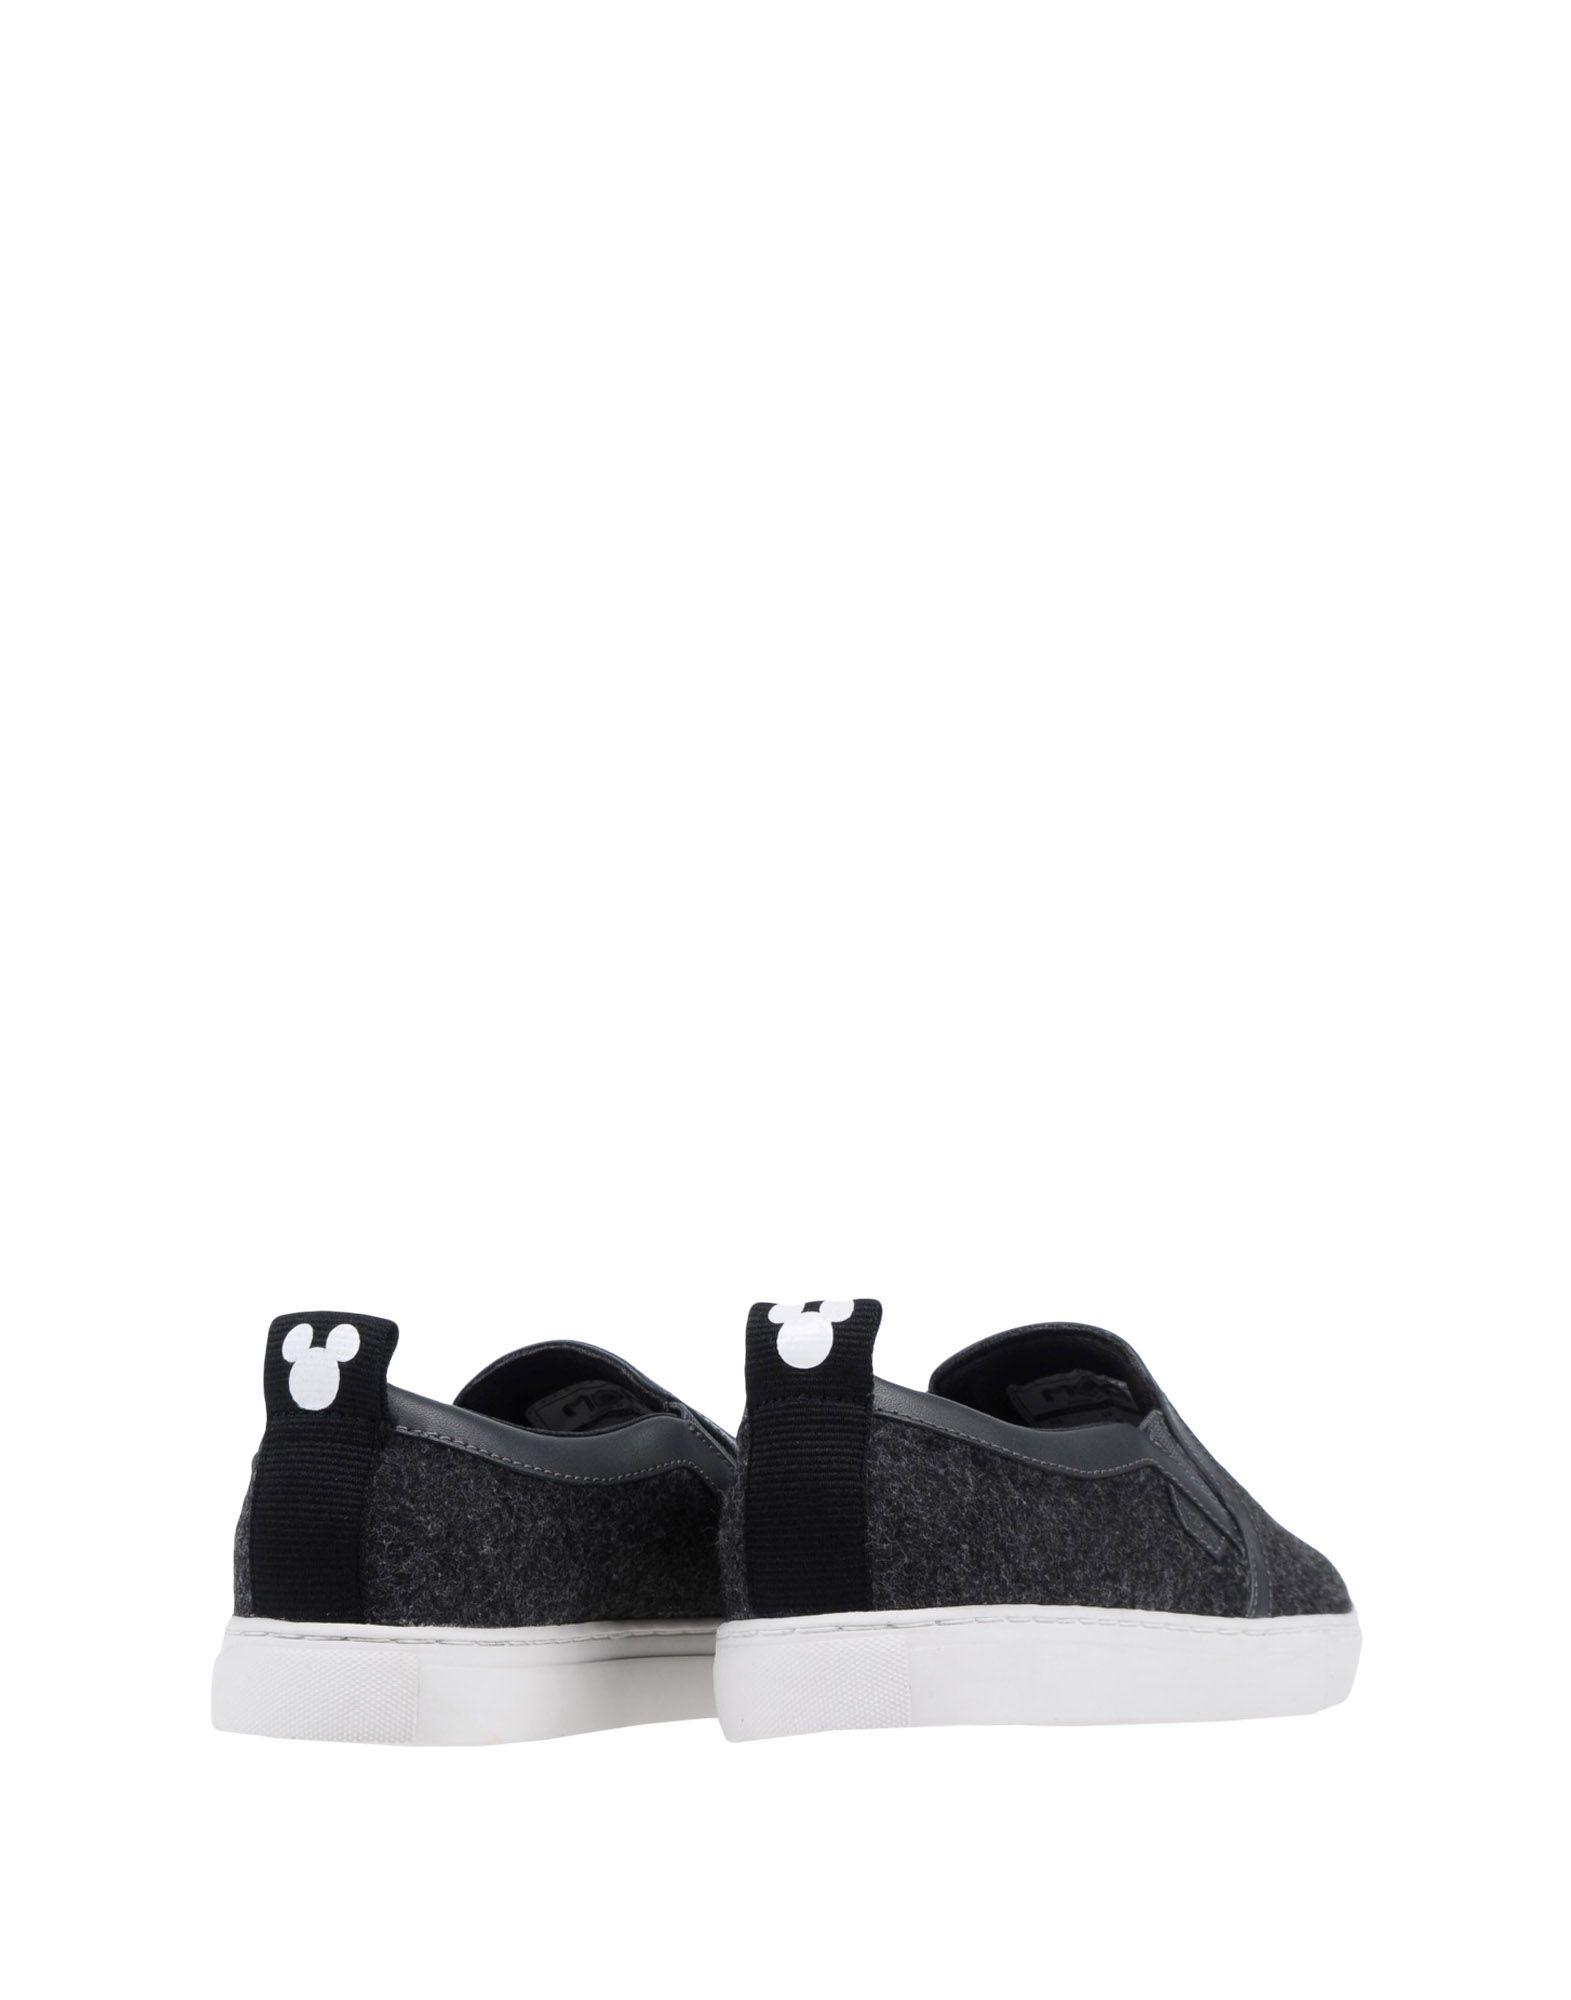 Moa Master Of Qualität Arts Sneakers Damen  11509419RD Gute Qualität Of beliebte Schuhe a31b38